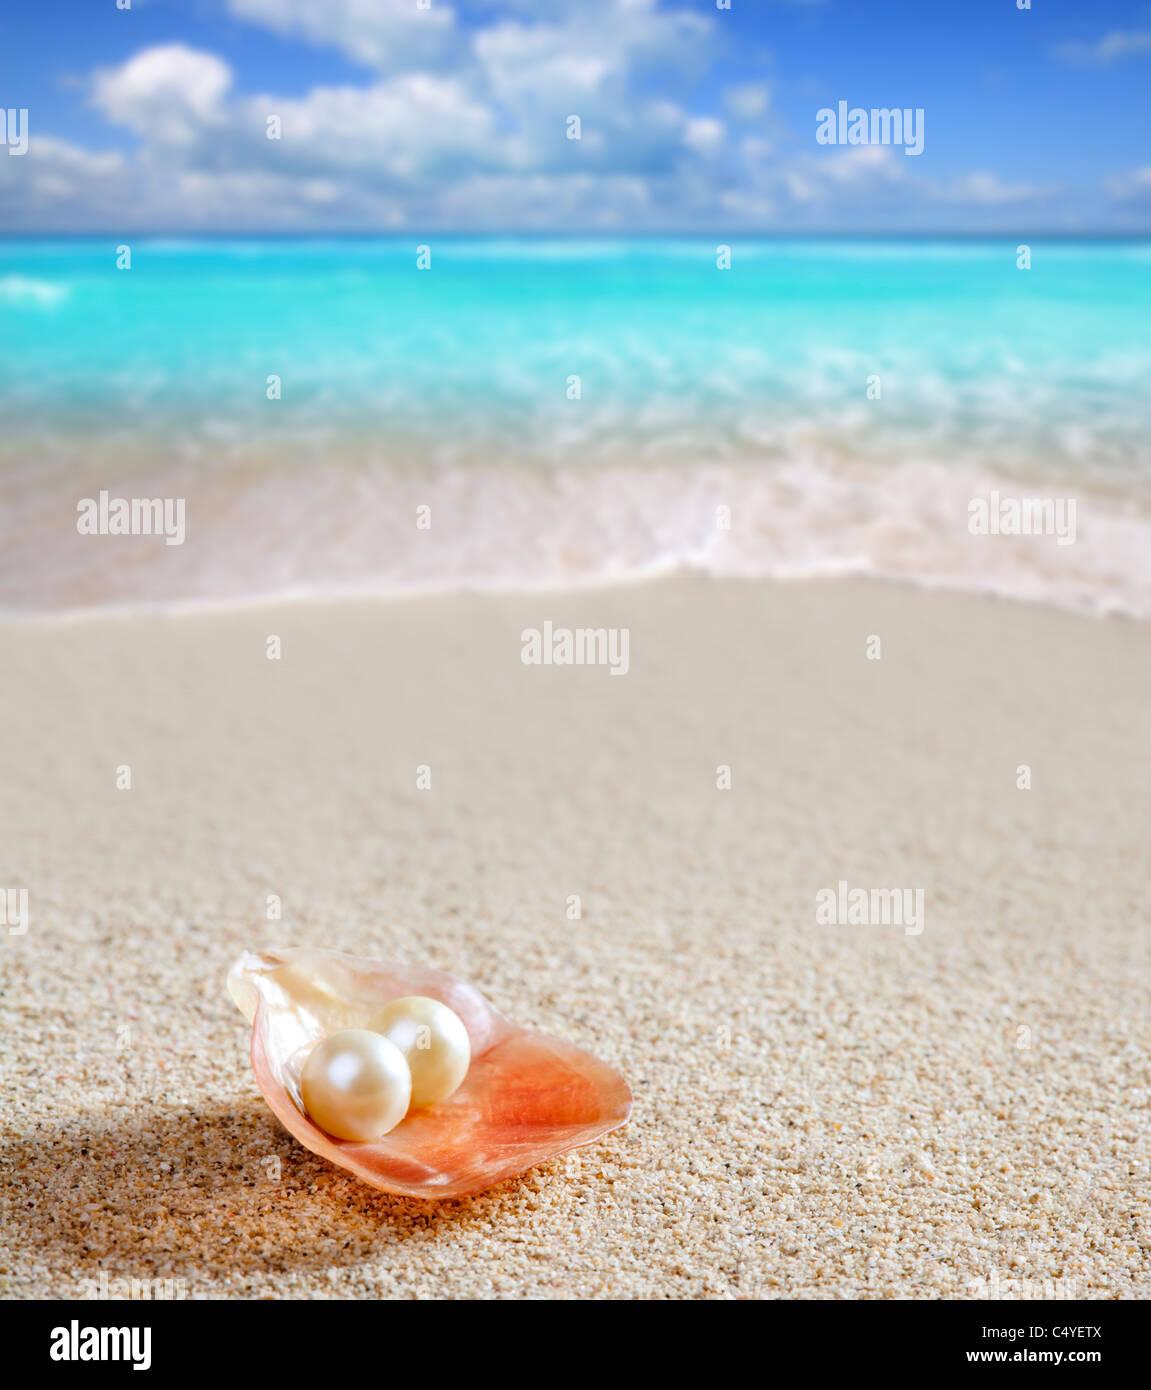 Karibische Perle auf Shell über weißen Sandstrand von einem tropischen türkisfarbenen Meer Stockbild